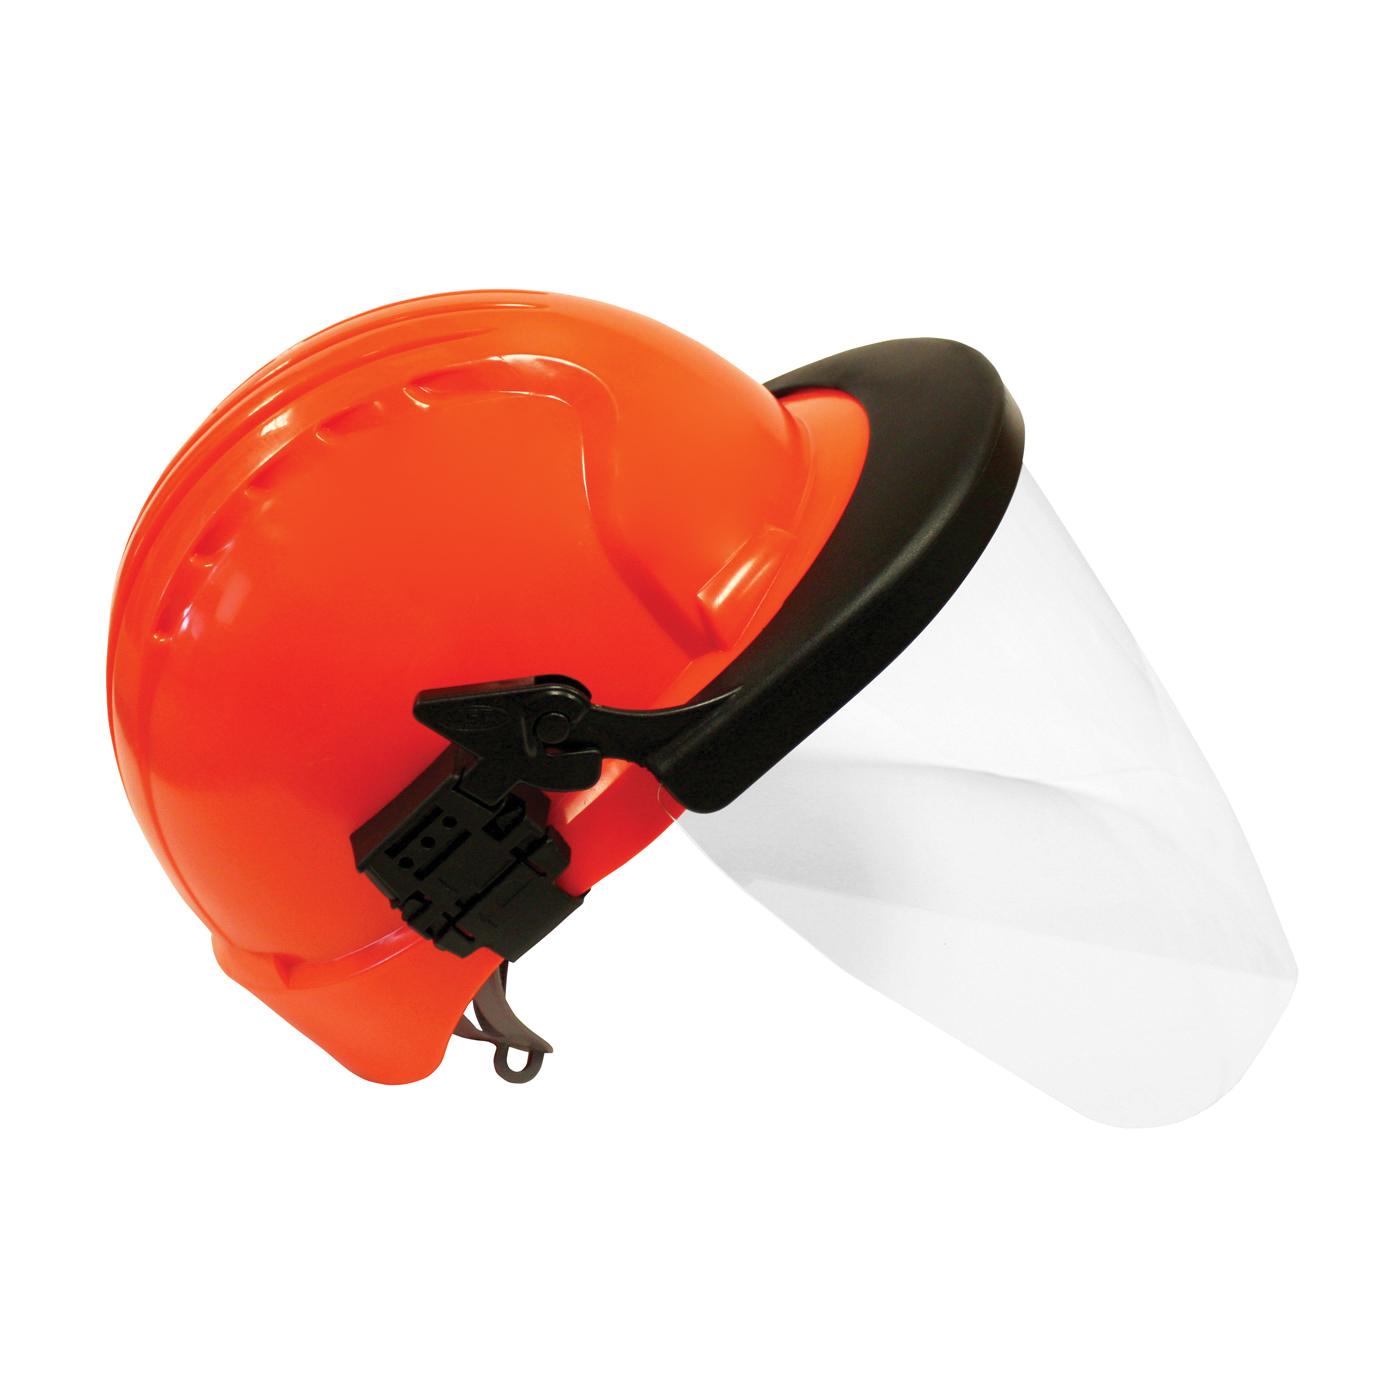 JSP® 251-01-6201 Surefit™ Safety Visor, For Use With 251-01-6225 Hard Hat Adapter